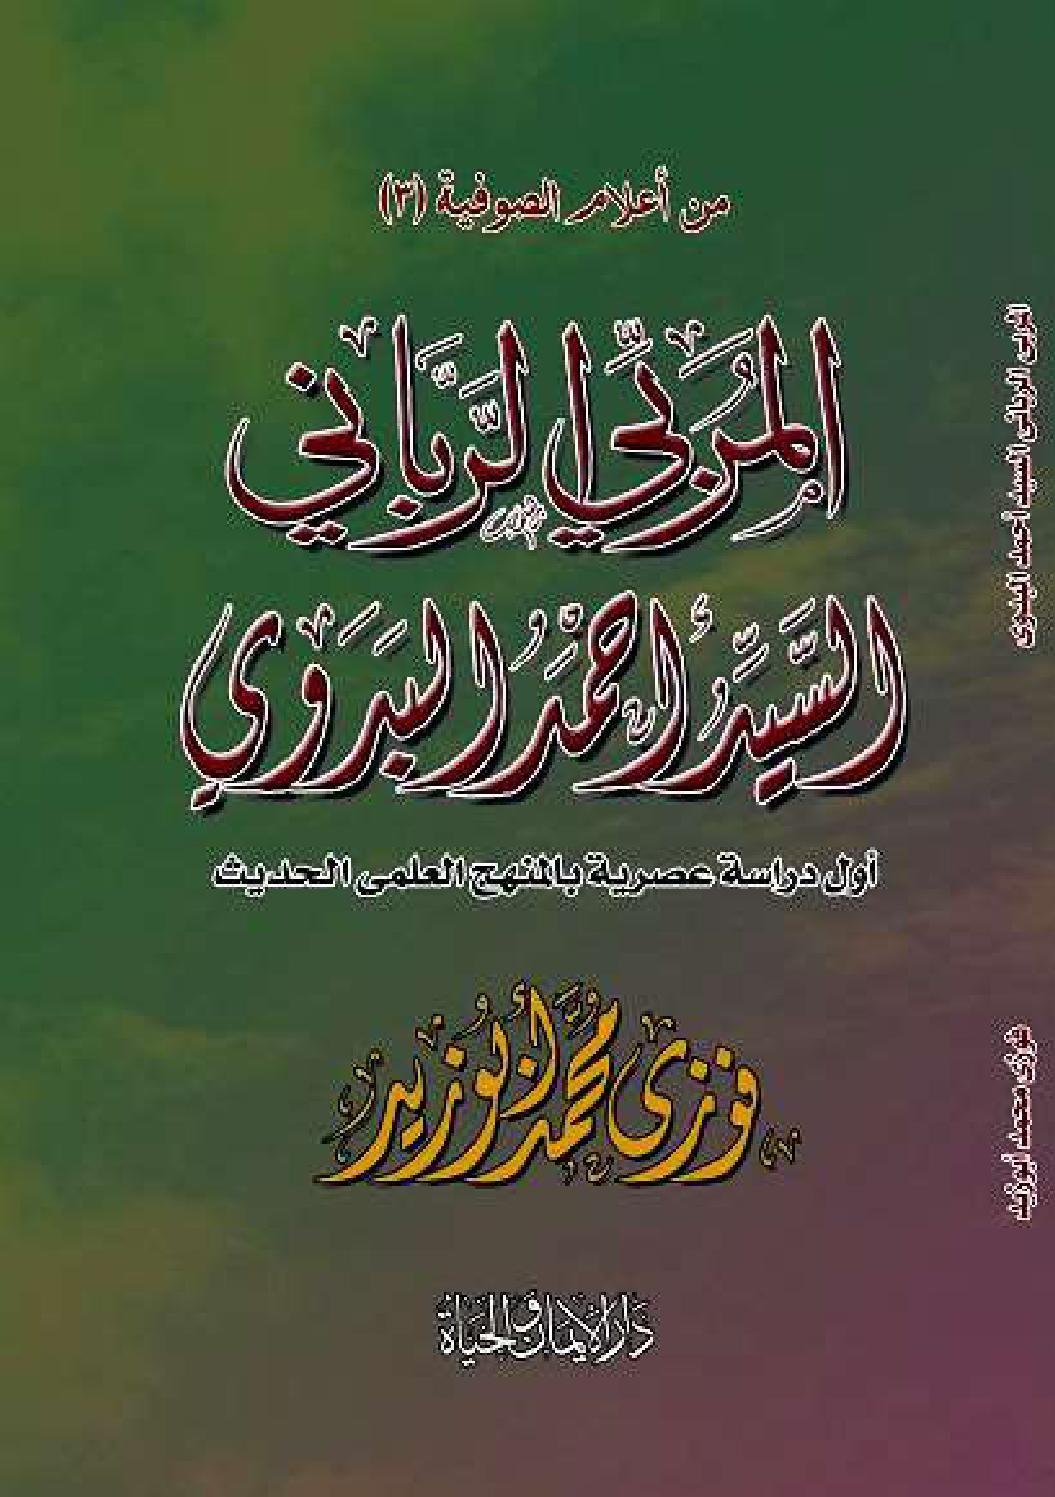 المربي الرباني السيد أحمد البدوي Pdf Books Reading Books Pdf Books